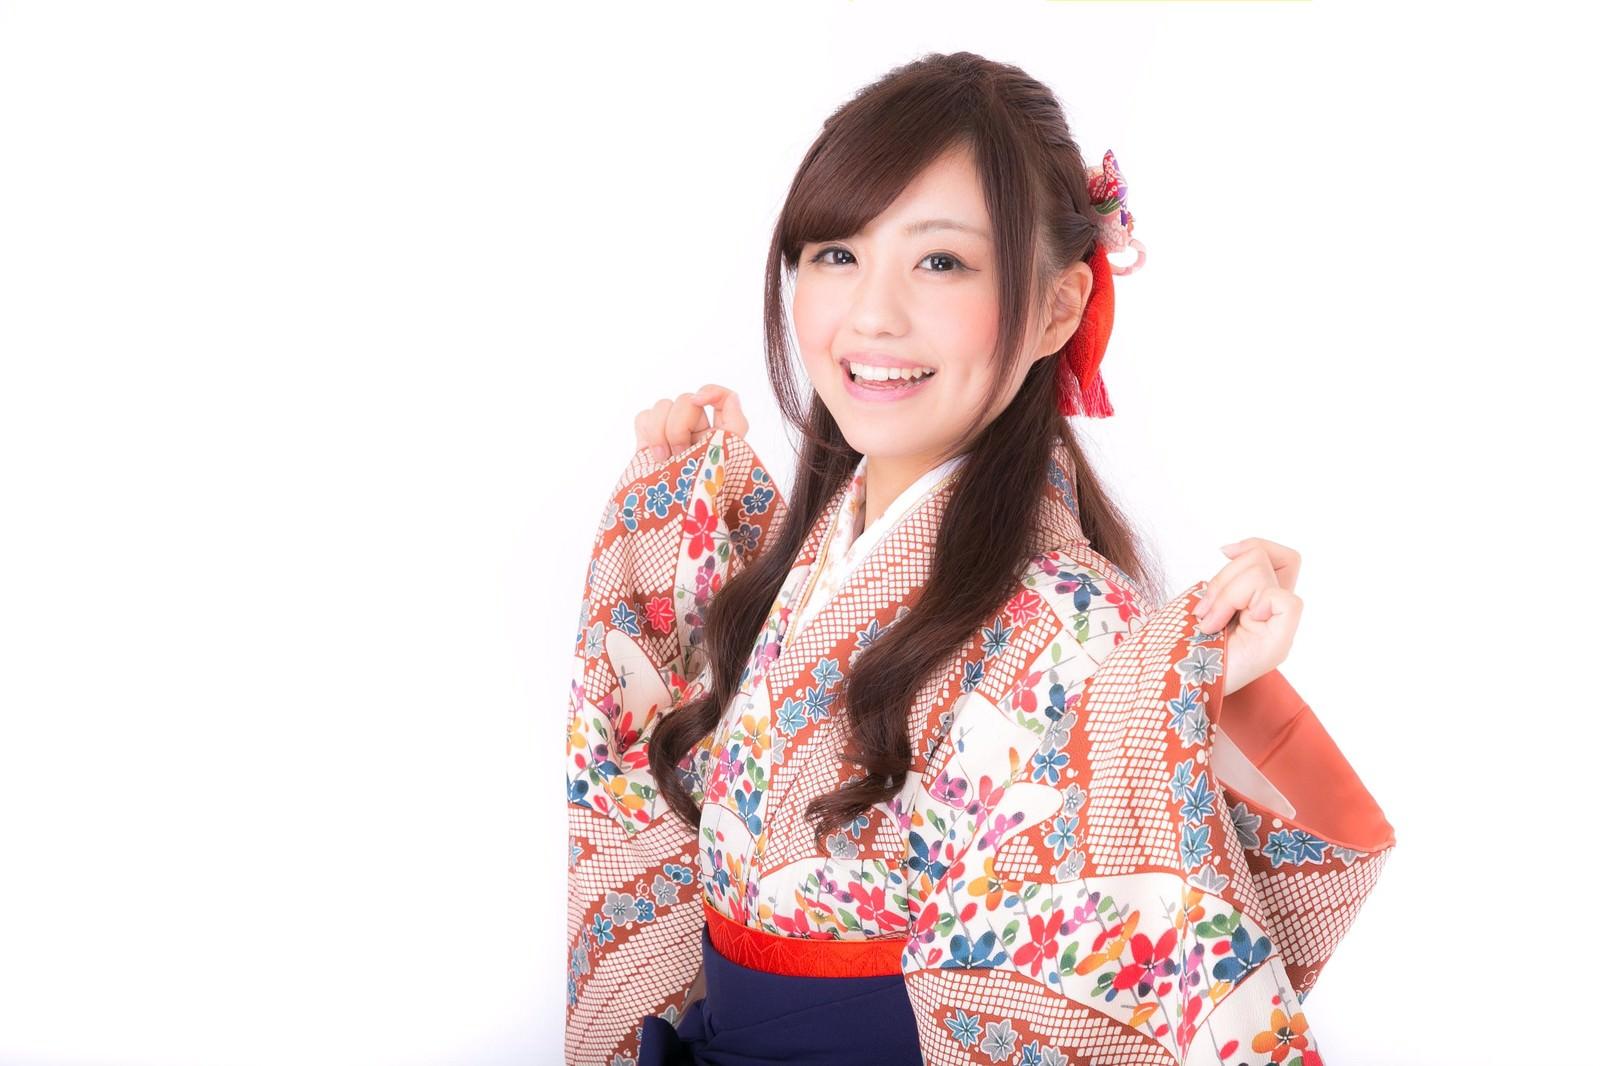 「着物の袖を持った笑顔の成人女性」の写真[モデル:河村友歌]